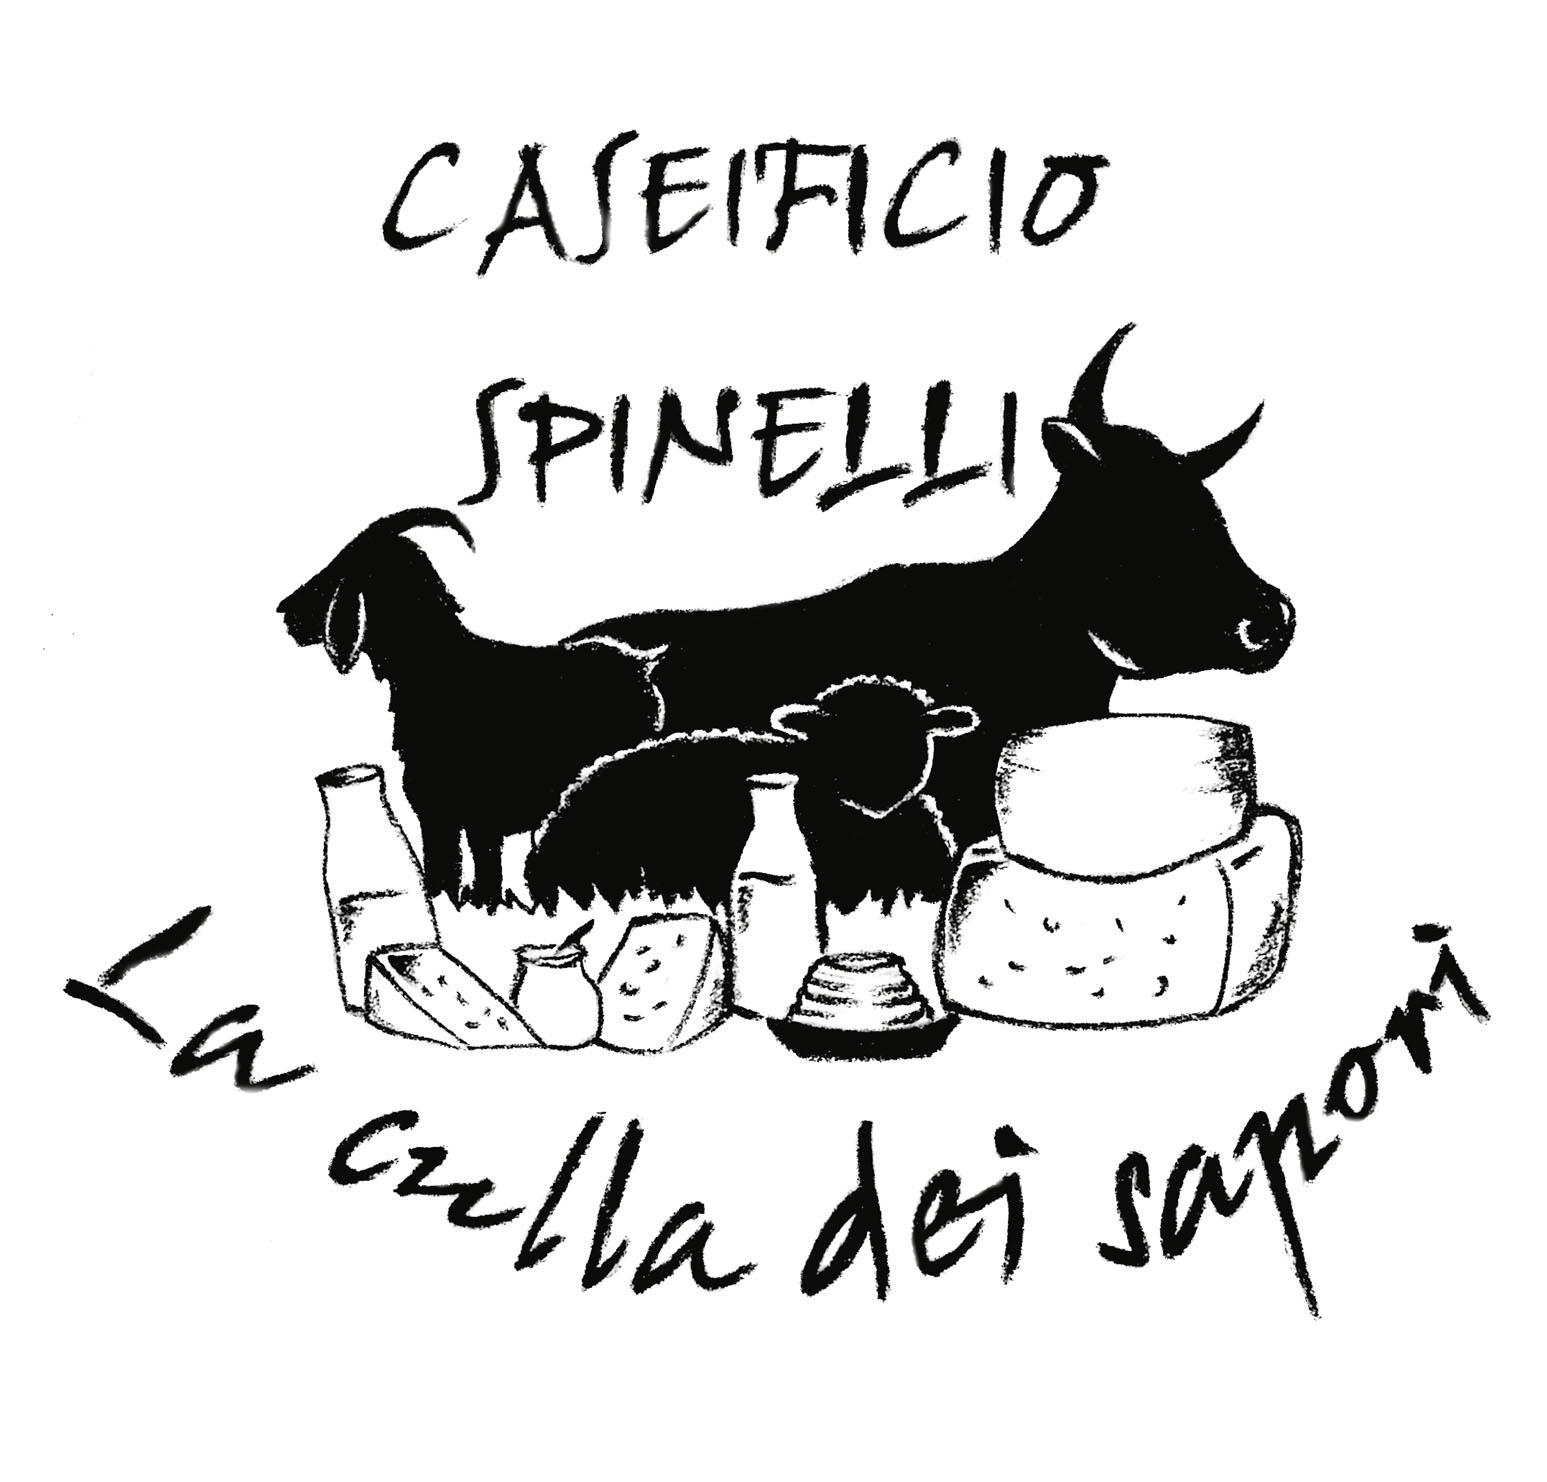 Caseificio Spinelli